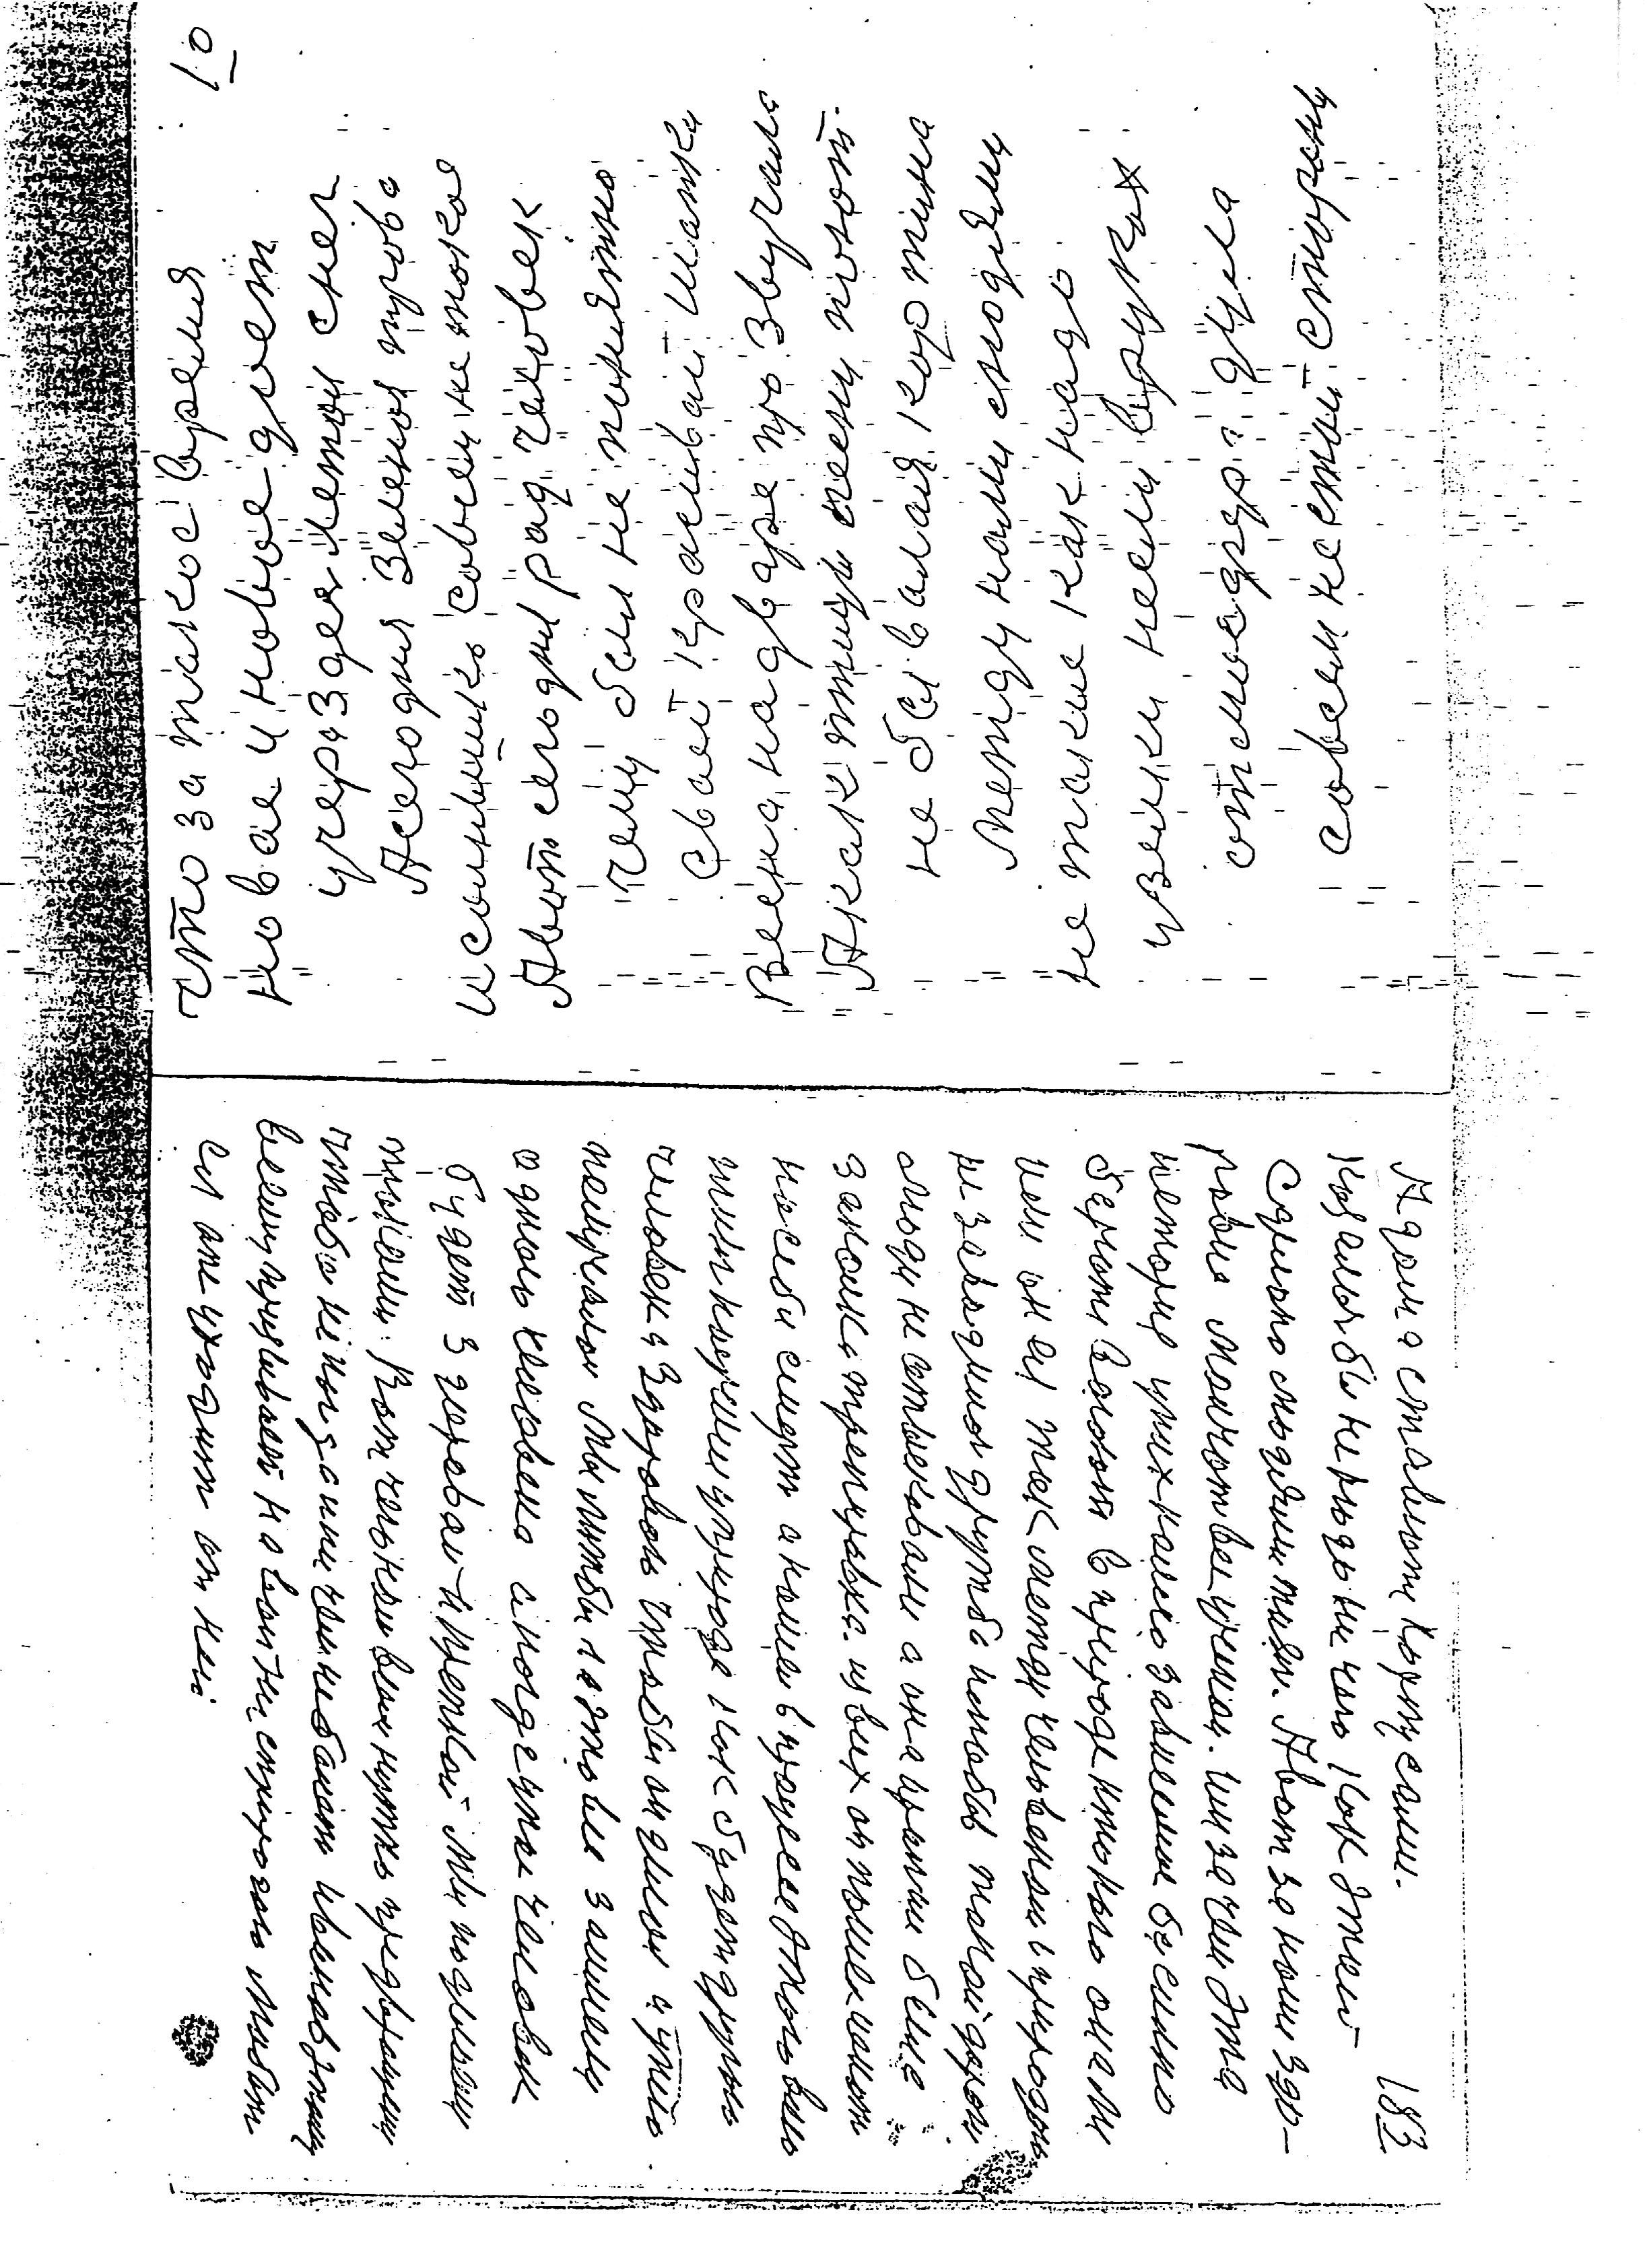 10-183.jpg